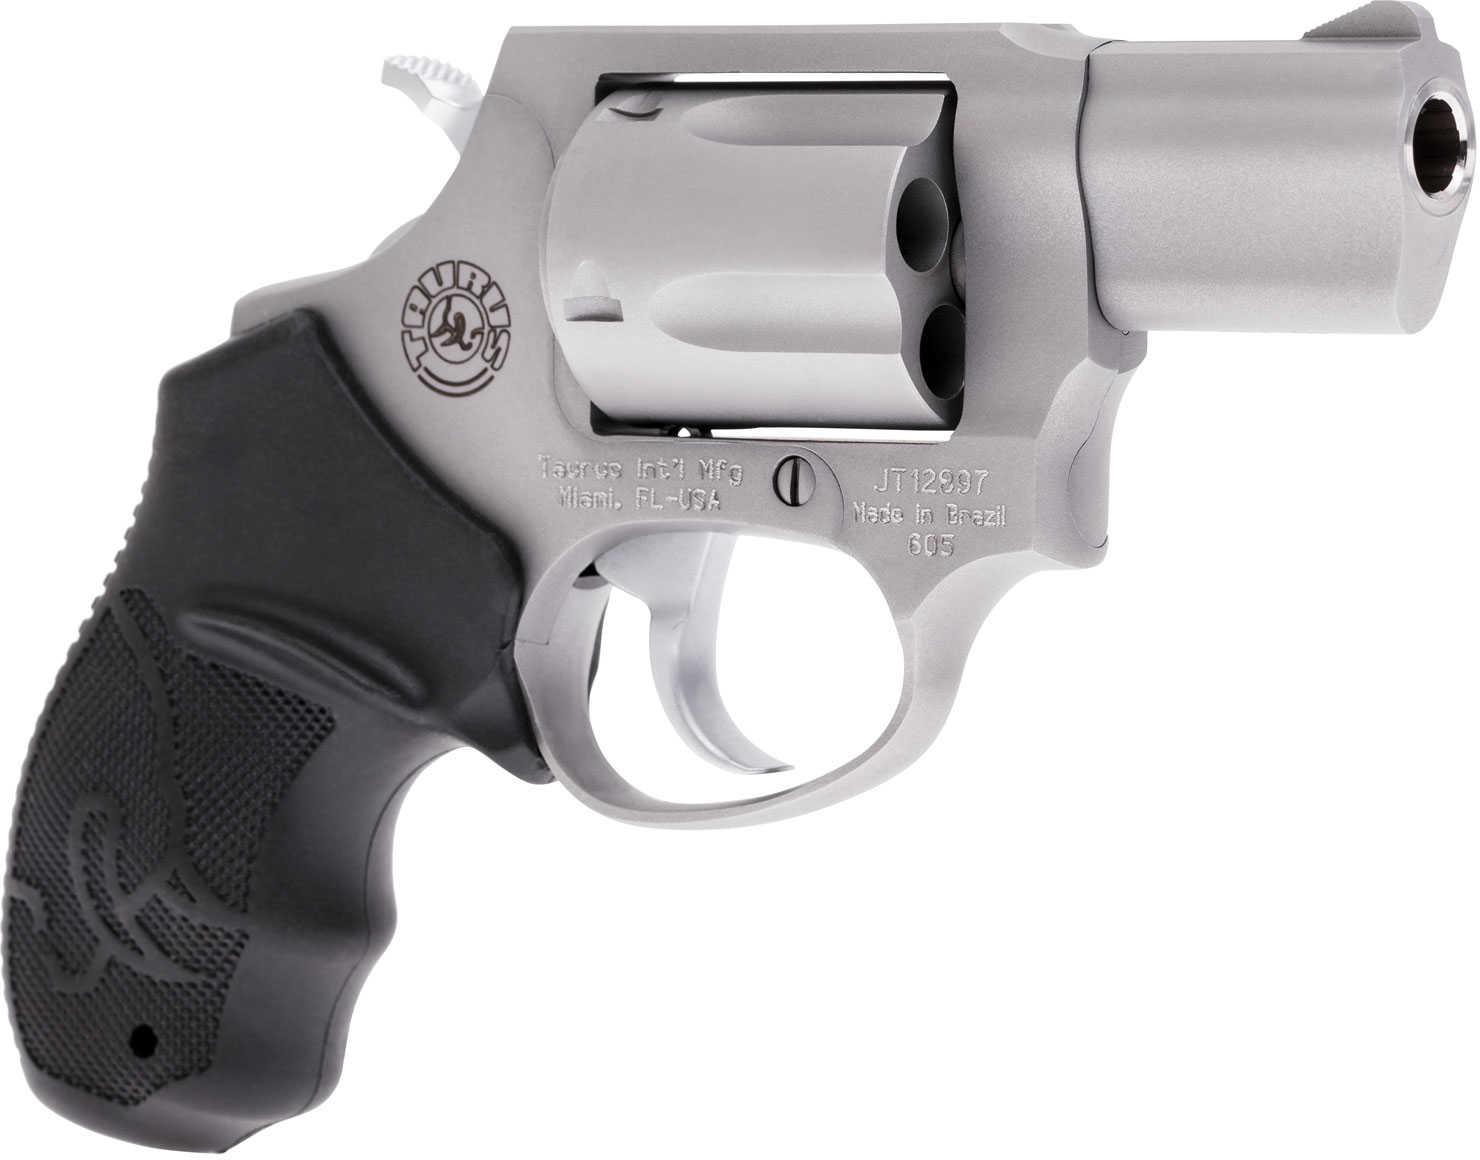 Revolver Taurus M605 357 Magnum 2